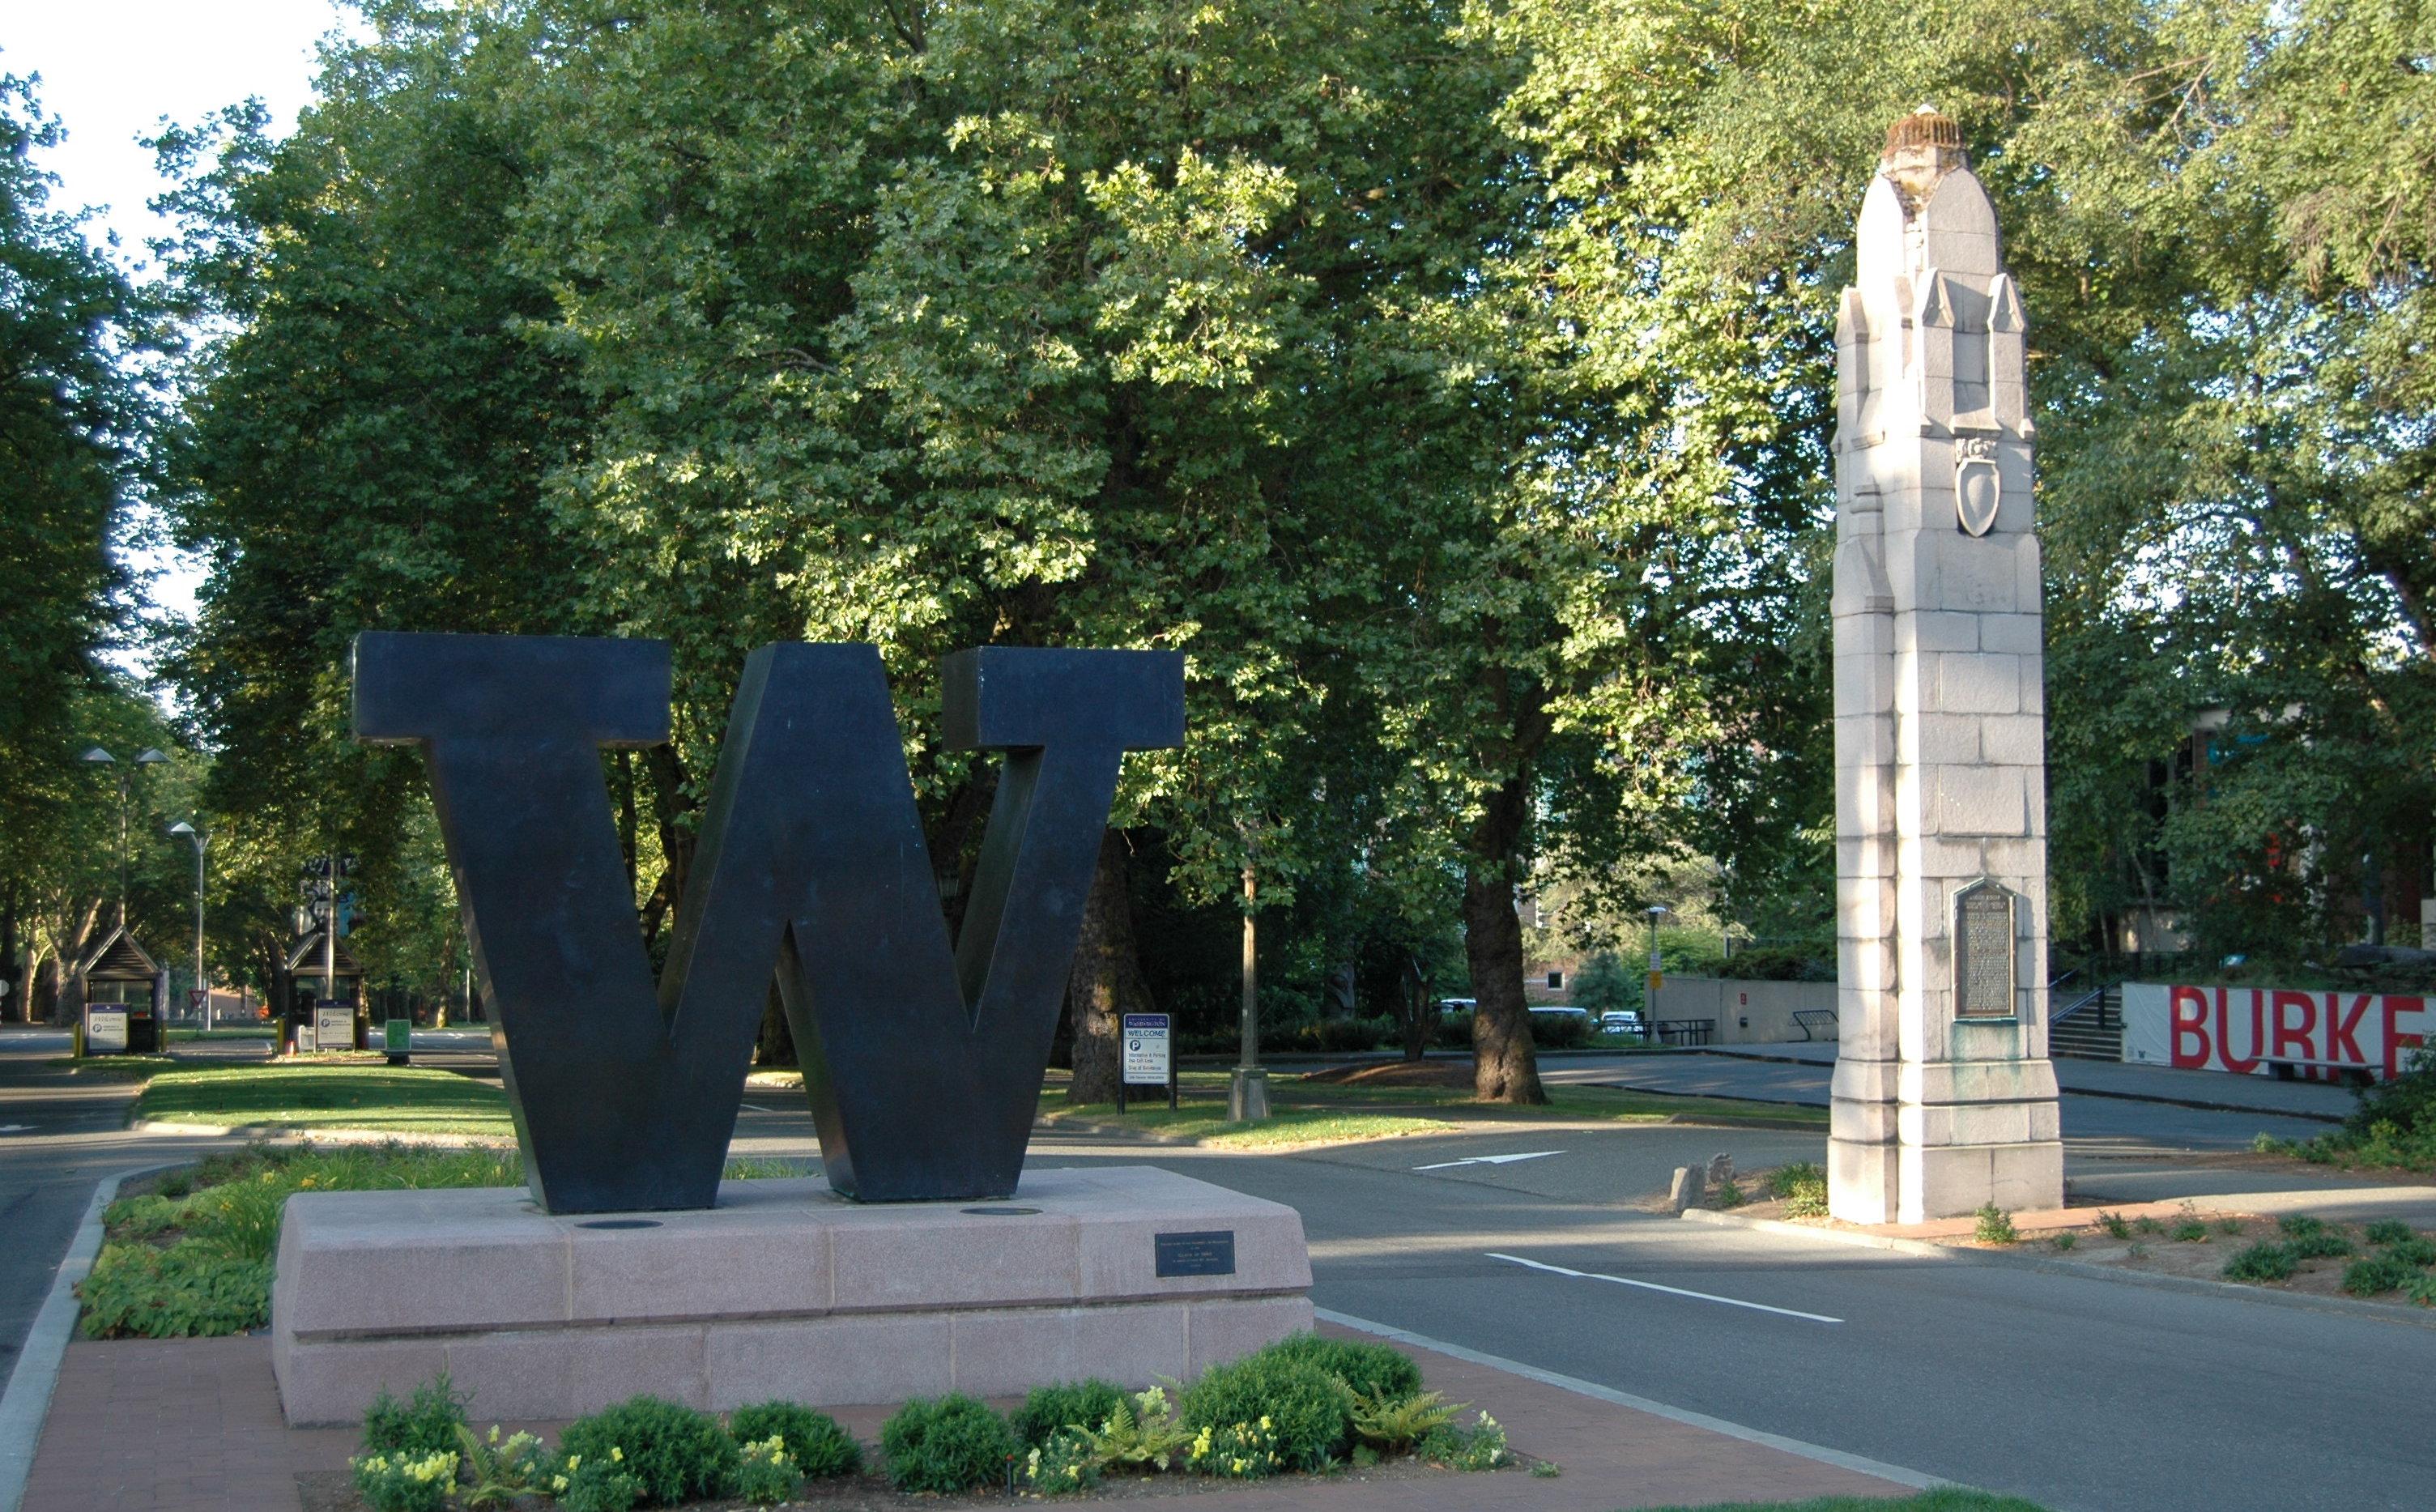 University_of_Washington,_Seattle,_WA